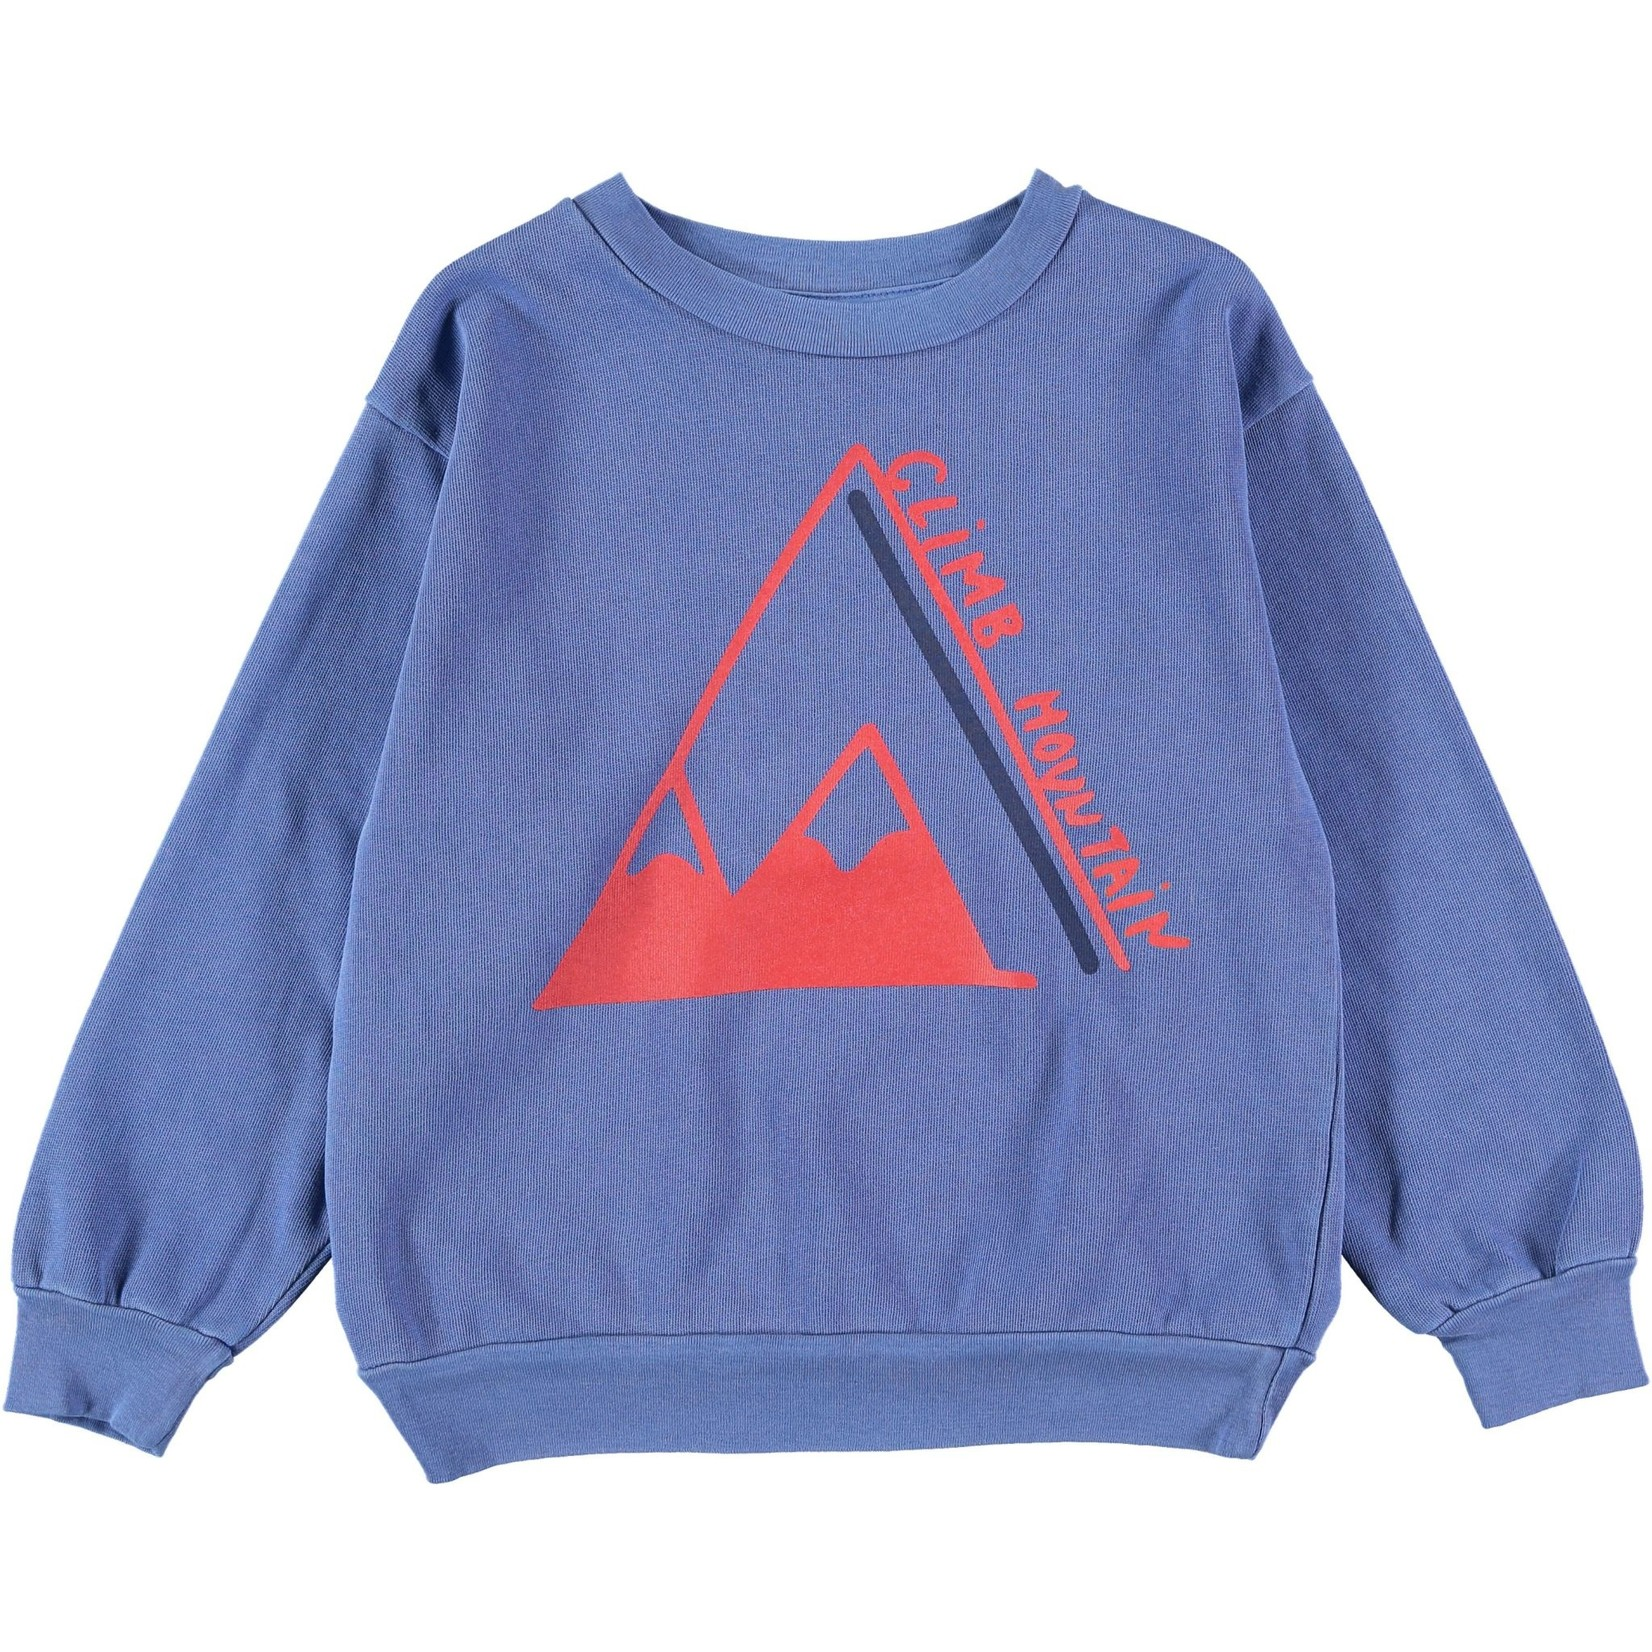 BONMOT BONMOT organic. Sweatshirt climb